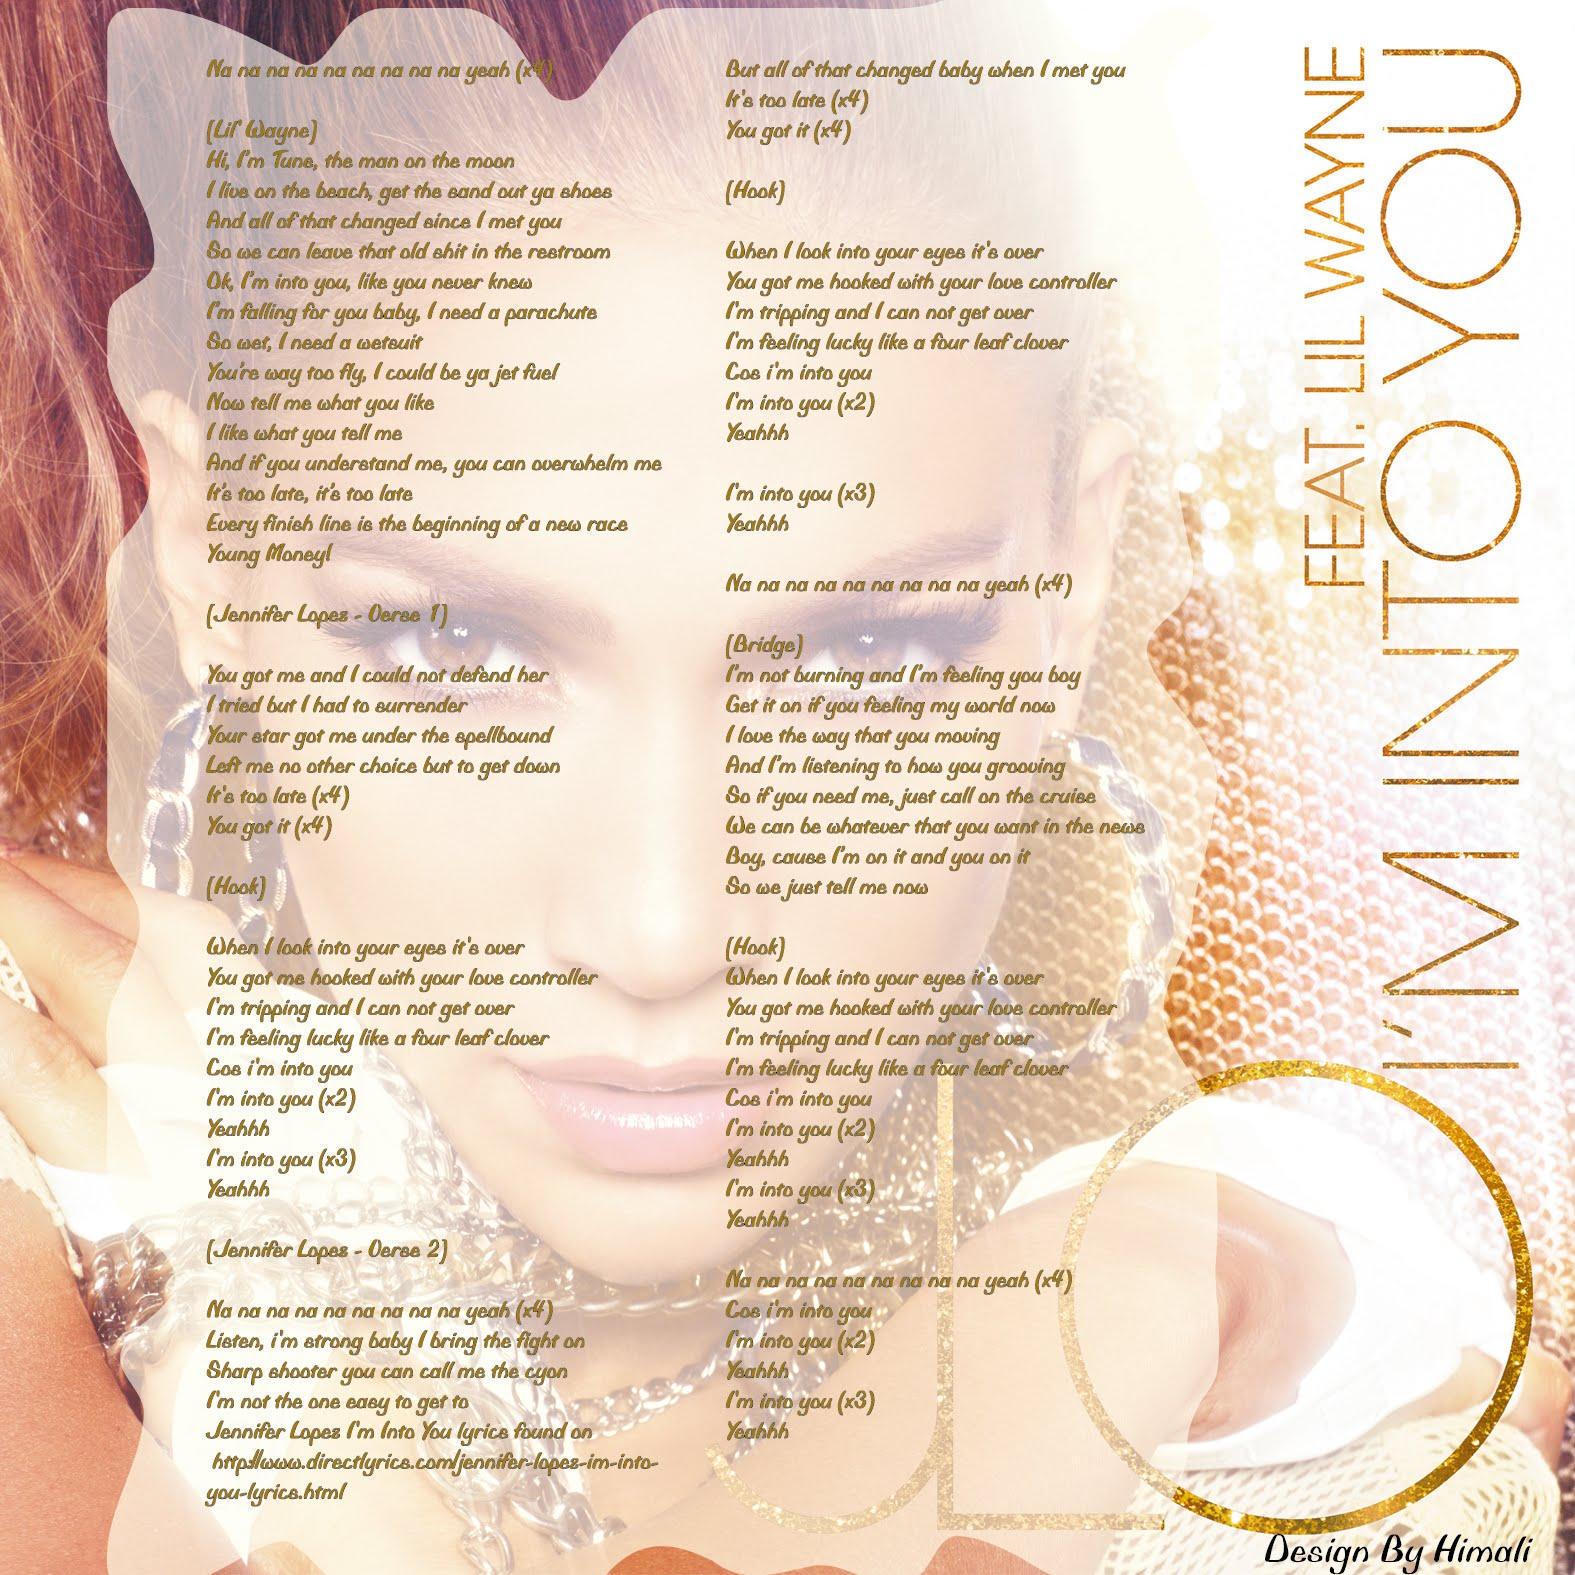 Feeling you lyrics